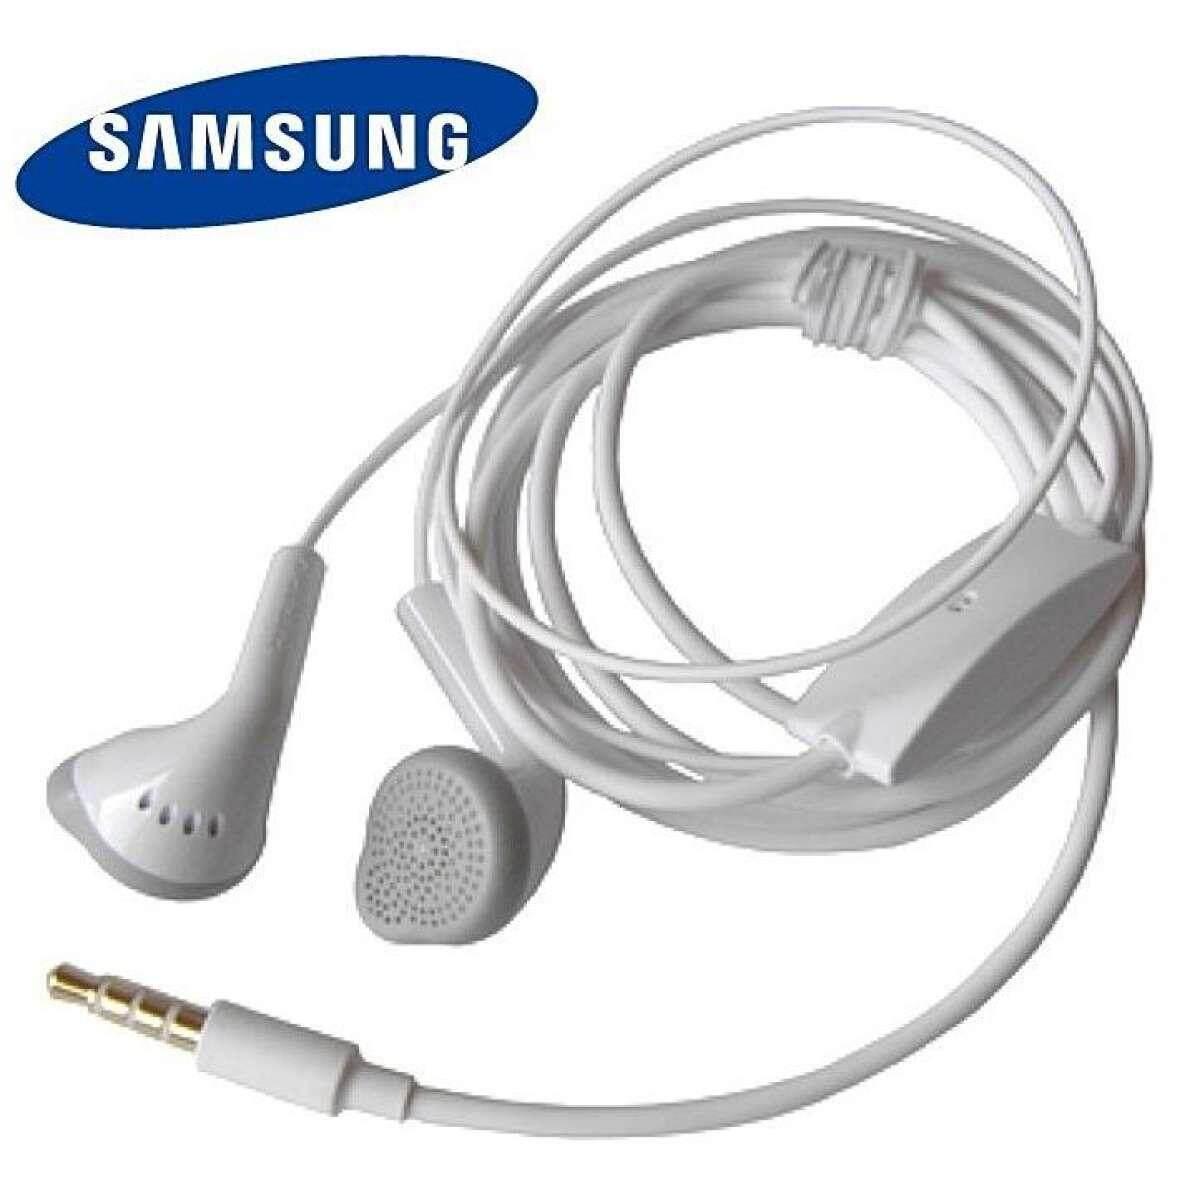 ขายถูกสุดๆ หูฟัง  หูฟังซัมซุง ori หูฟัง samsung galaxy ทุกรุ่น เสียงดีราคาถูก?ซื้อ 1 แถม 1 ฟรี? รีวิวดีที่สุด อันดับ1